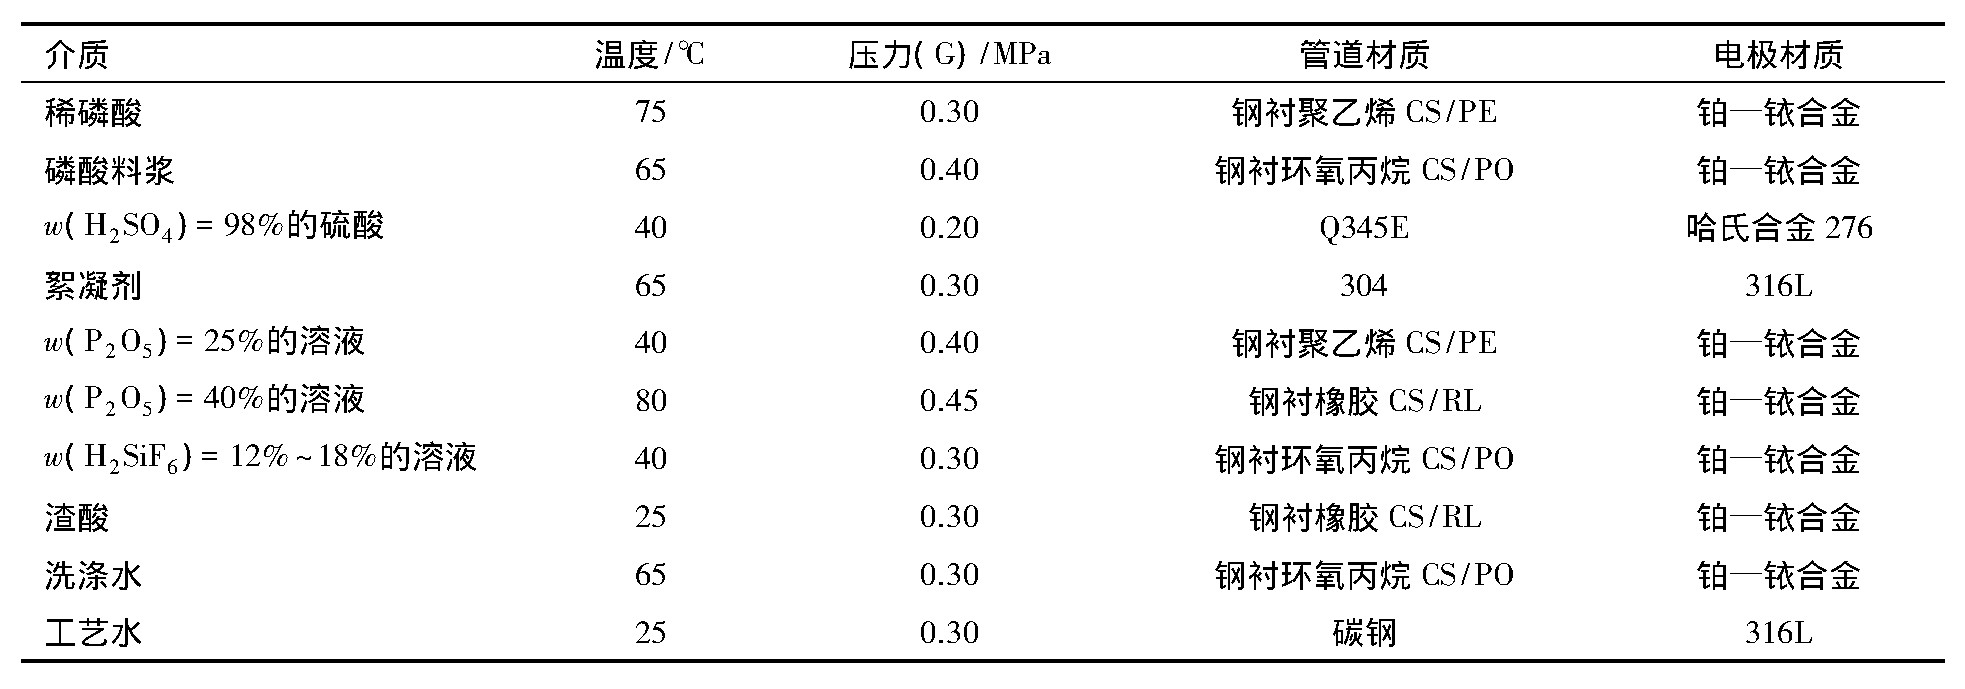 防腐电磁贝博app手机版 湿法 装置电磁贝博app手机版厂家示例图5